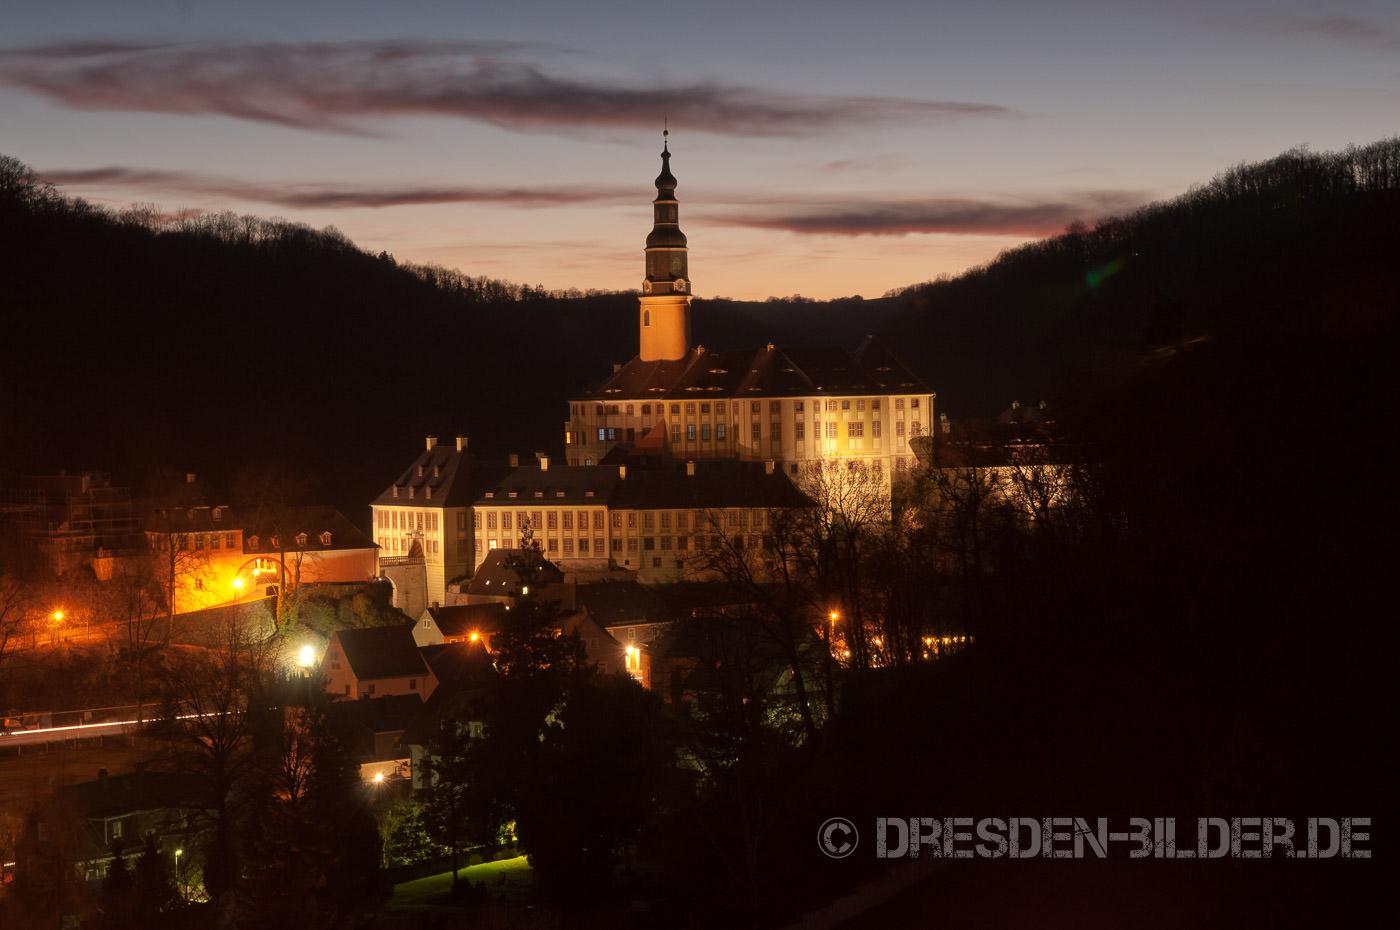 Weesensteiner Nacht